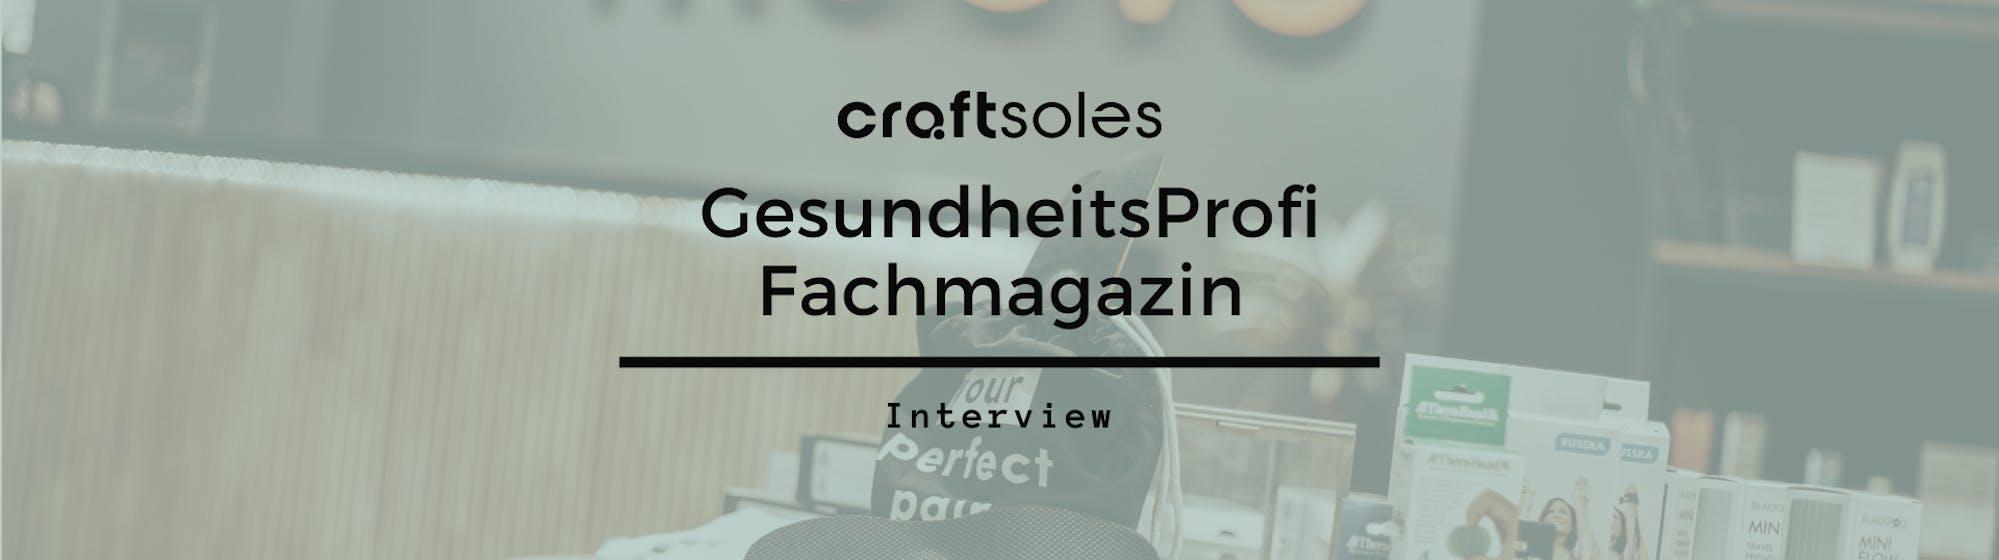 GesundheitsProfi Fachmagazin Interview